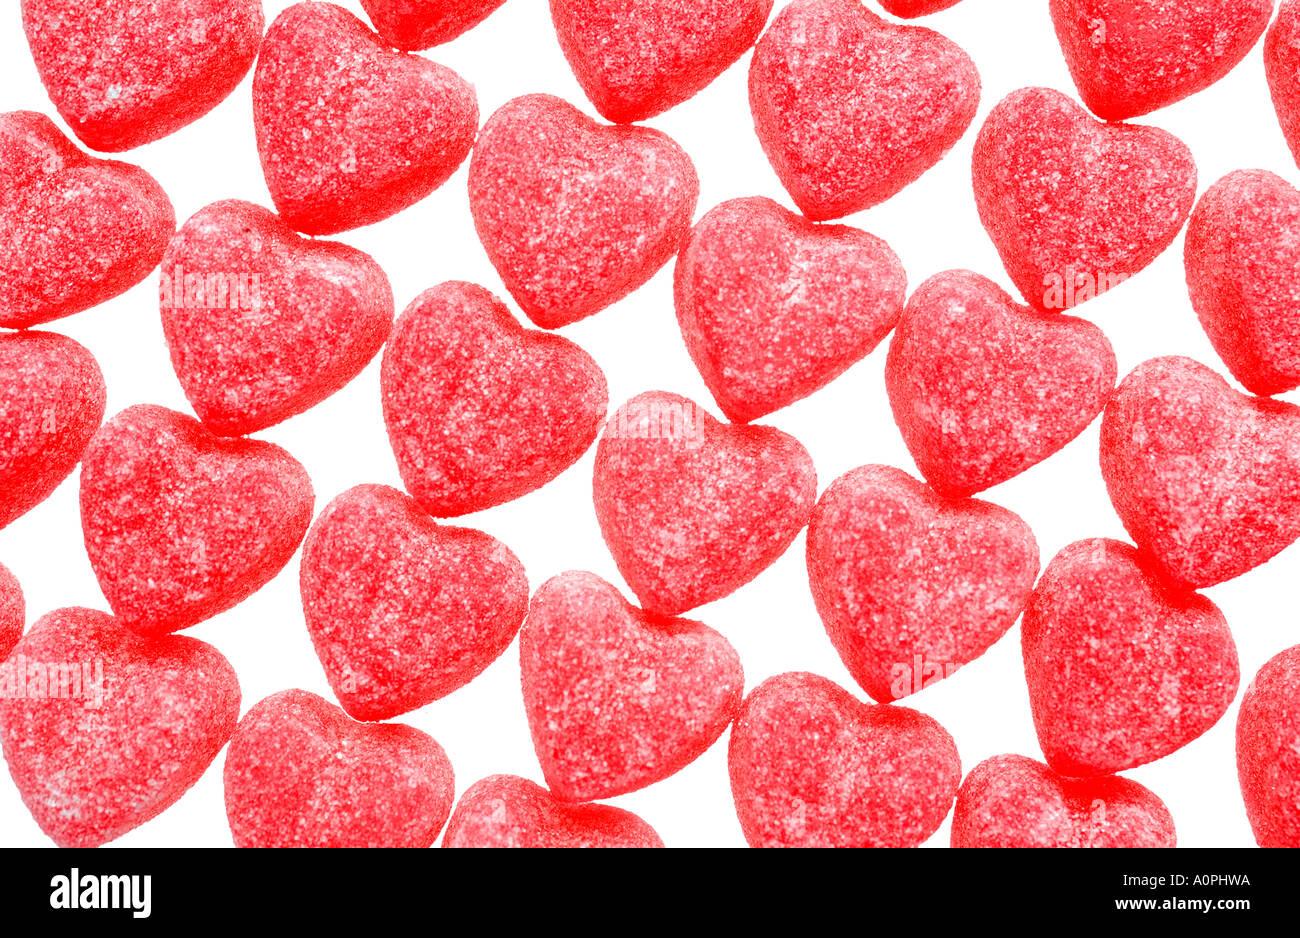 Dans les rangées bonbons Coeur Photo Stock